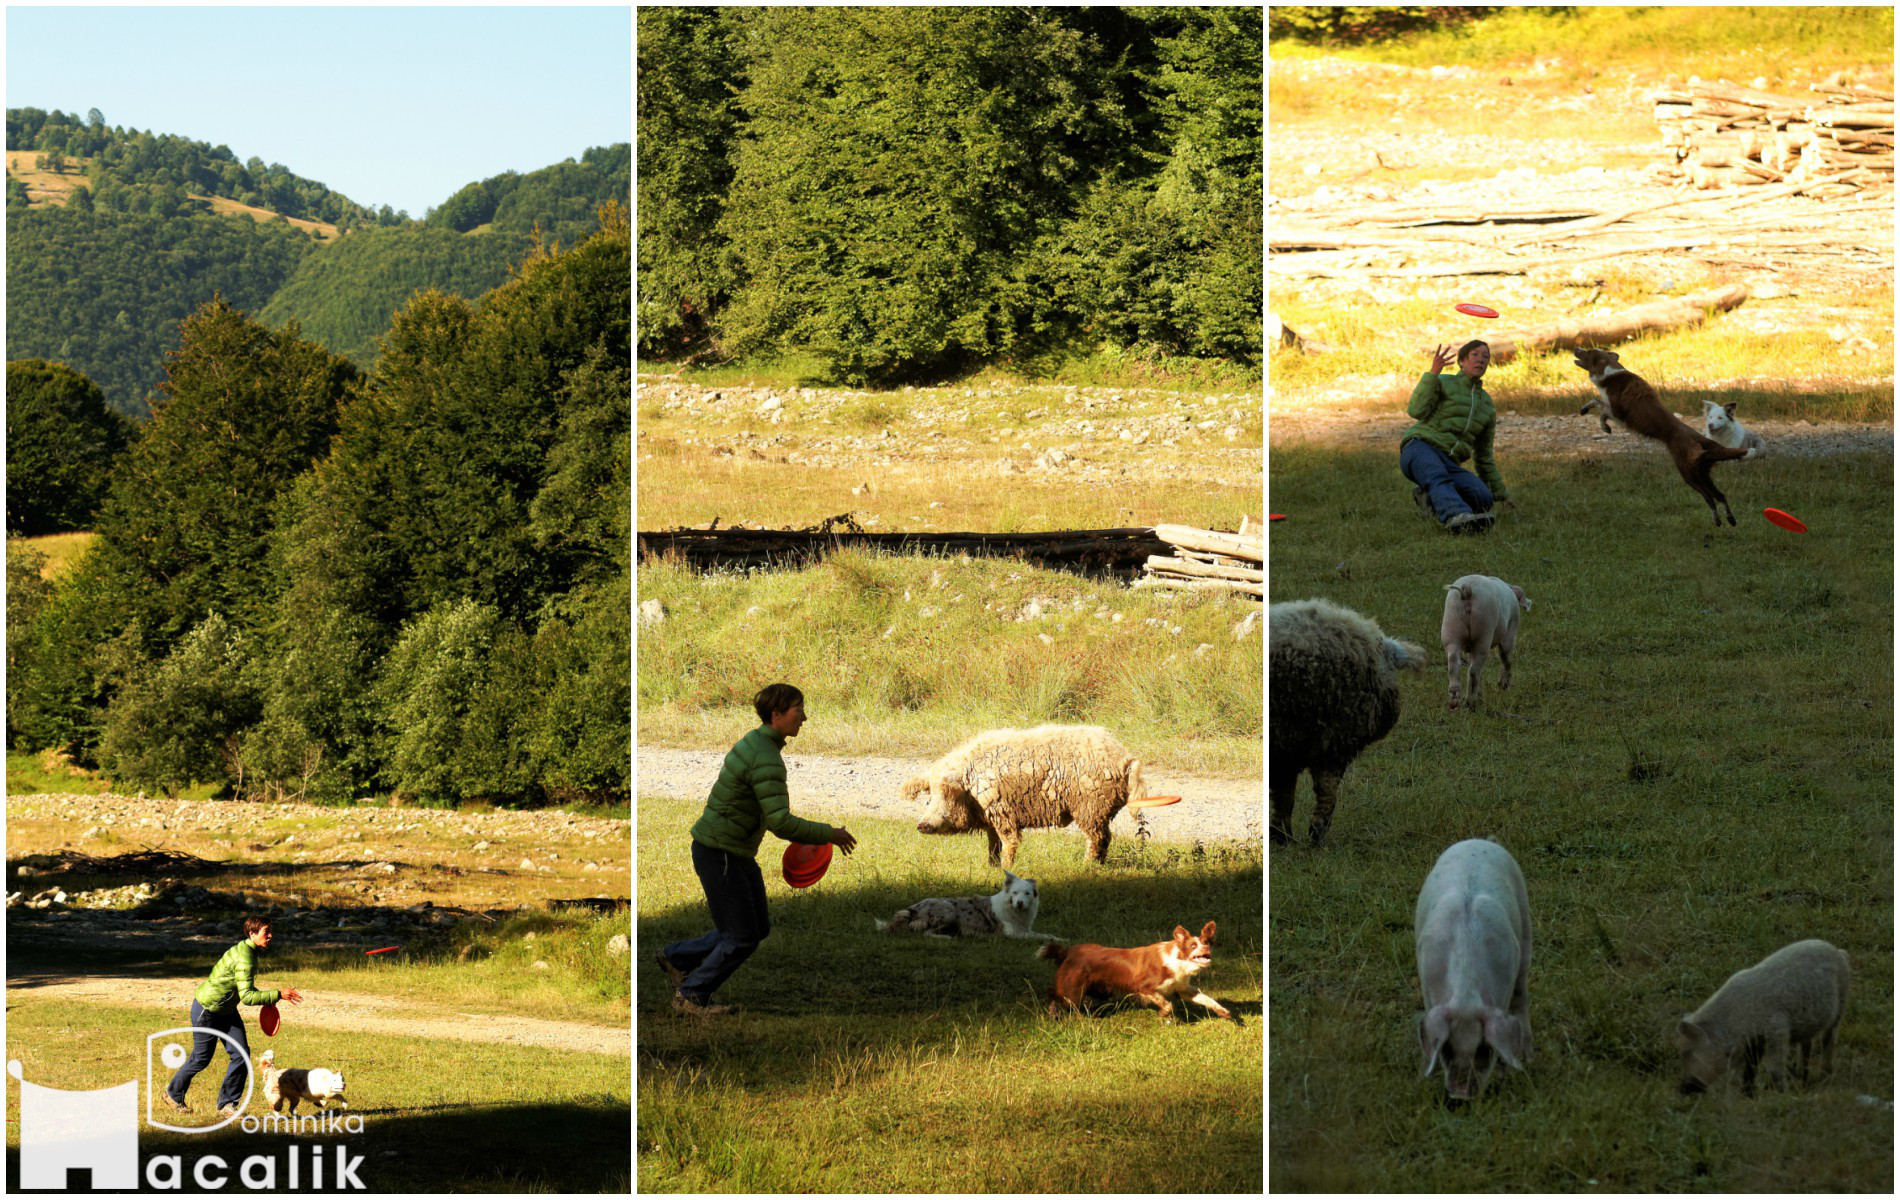 Zdjęcie z świnkami, które także chcą spróbować się w dogfrisbee